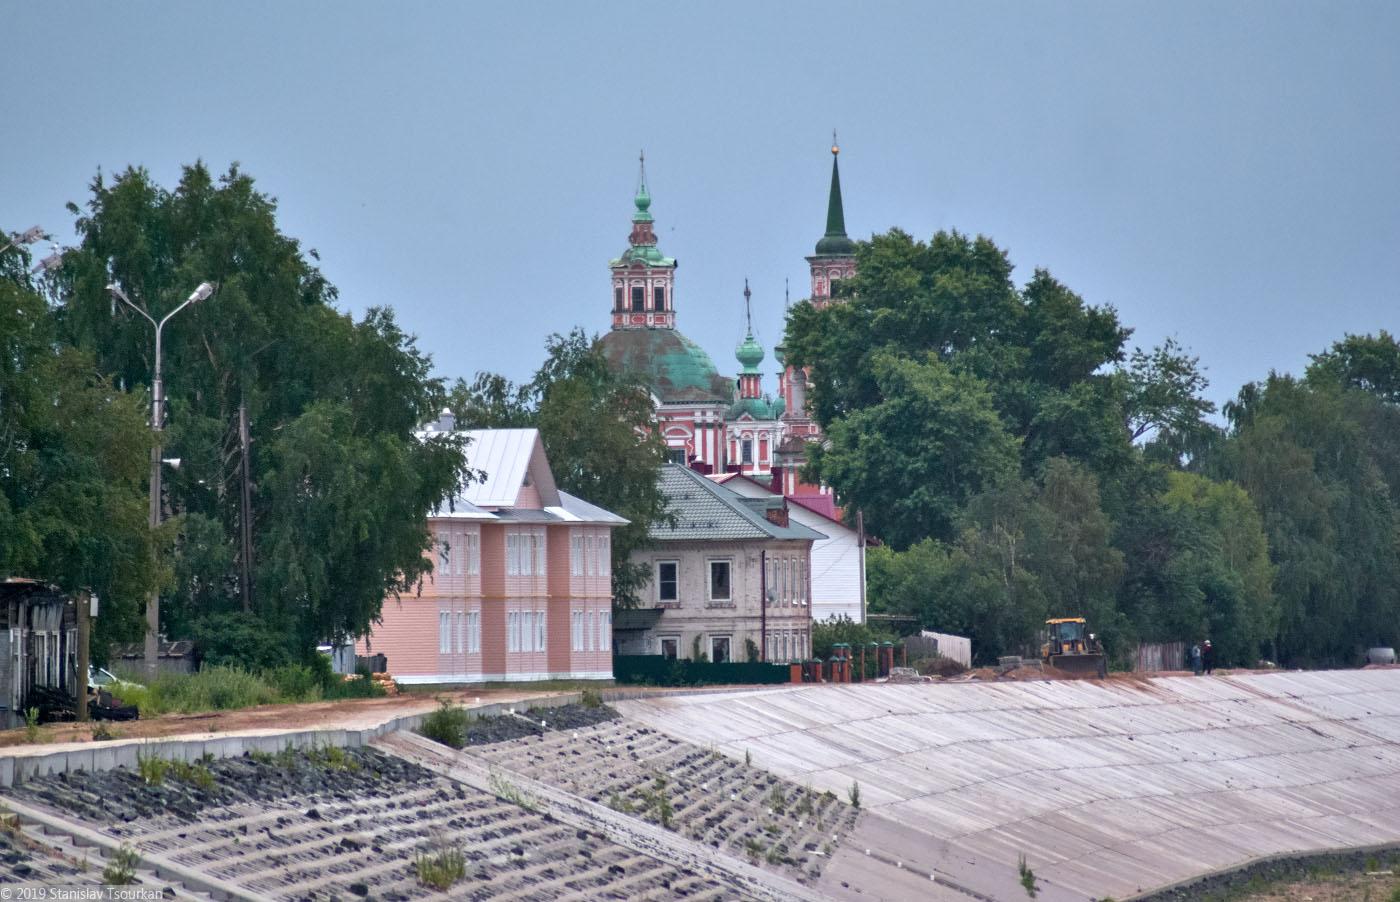 Вологодская область, Вологодчина, Великий устюг, Русский север, Симеоновская церковь